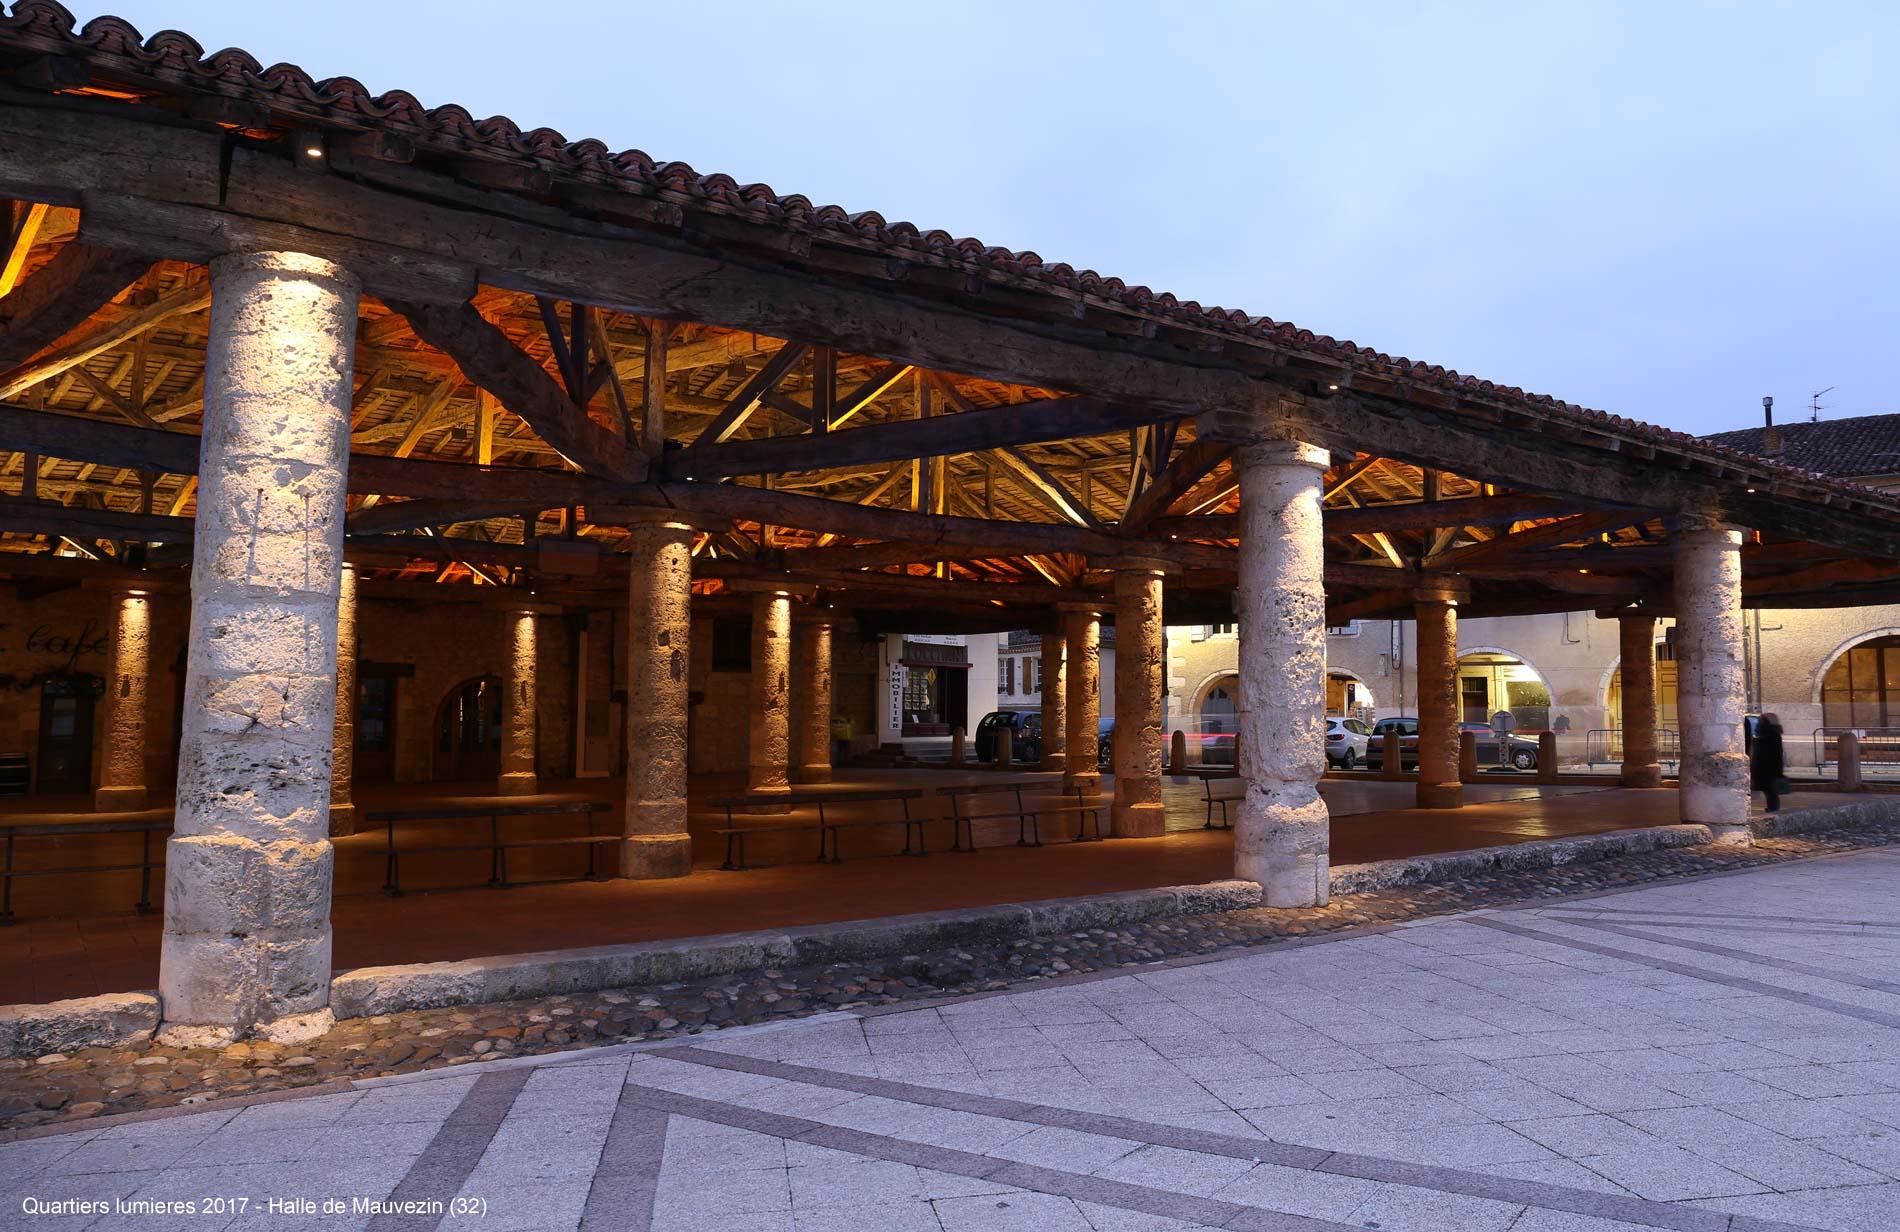 Halle de Mauvezin conception lumière